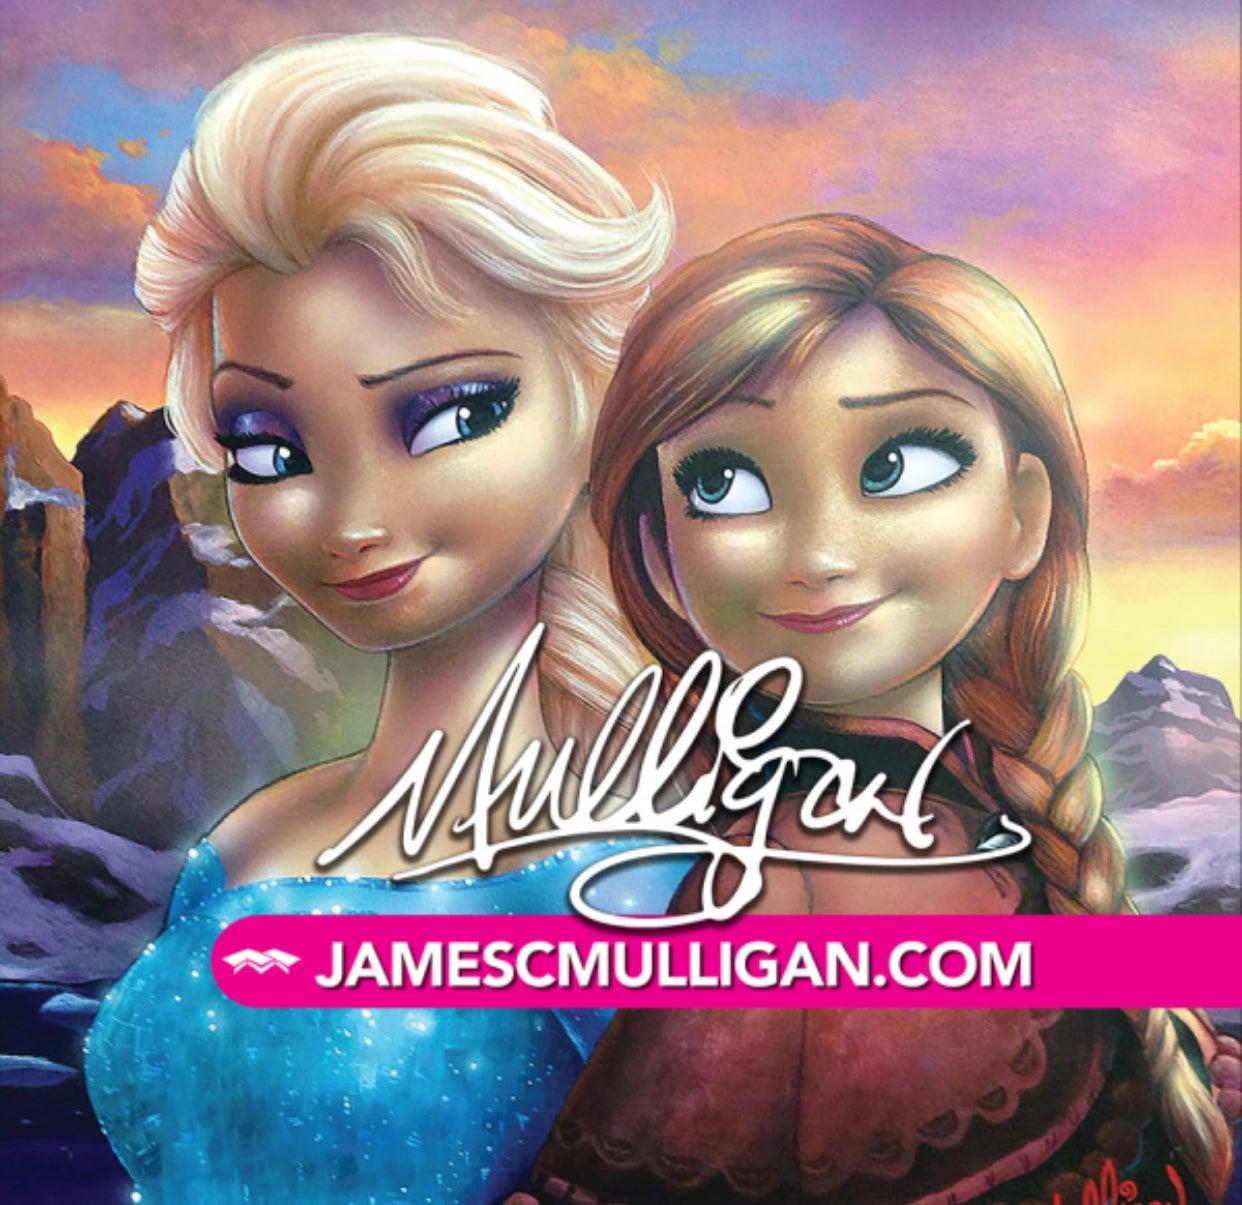 Disney Artist James C Mulligan